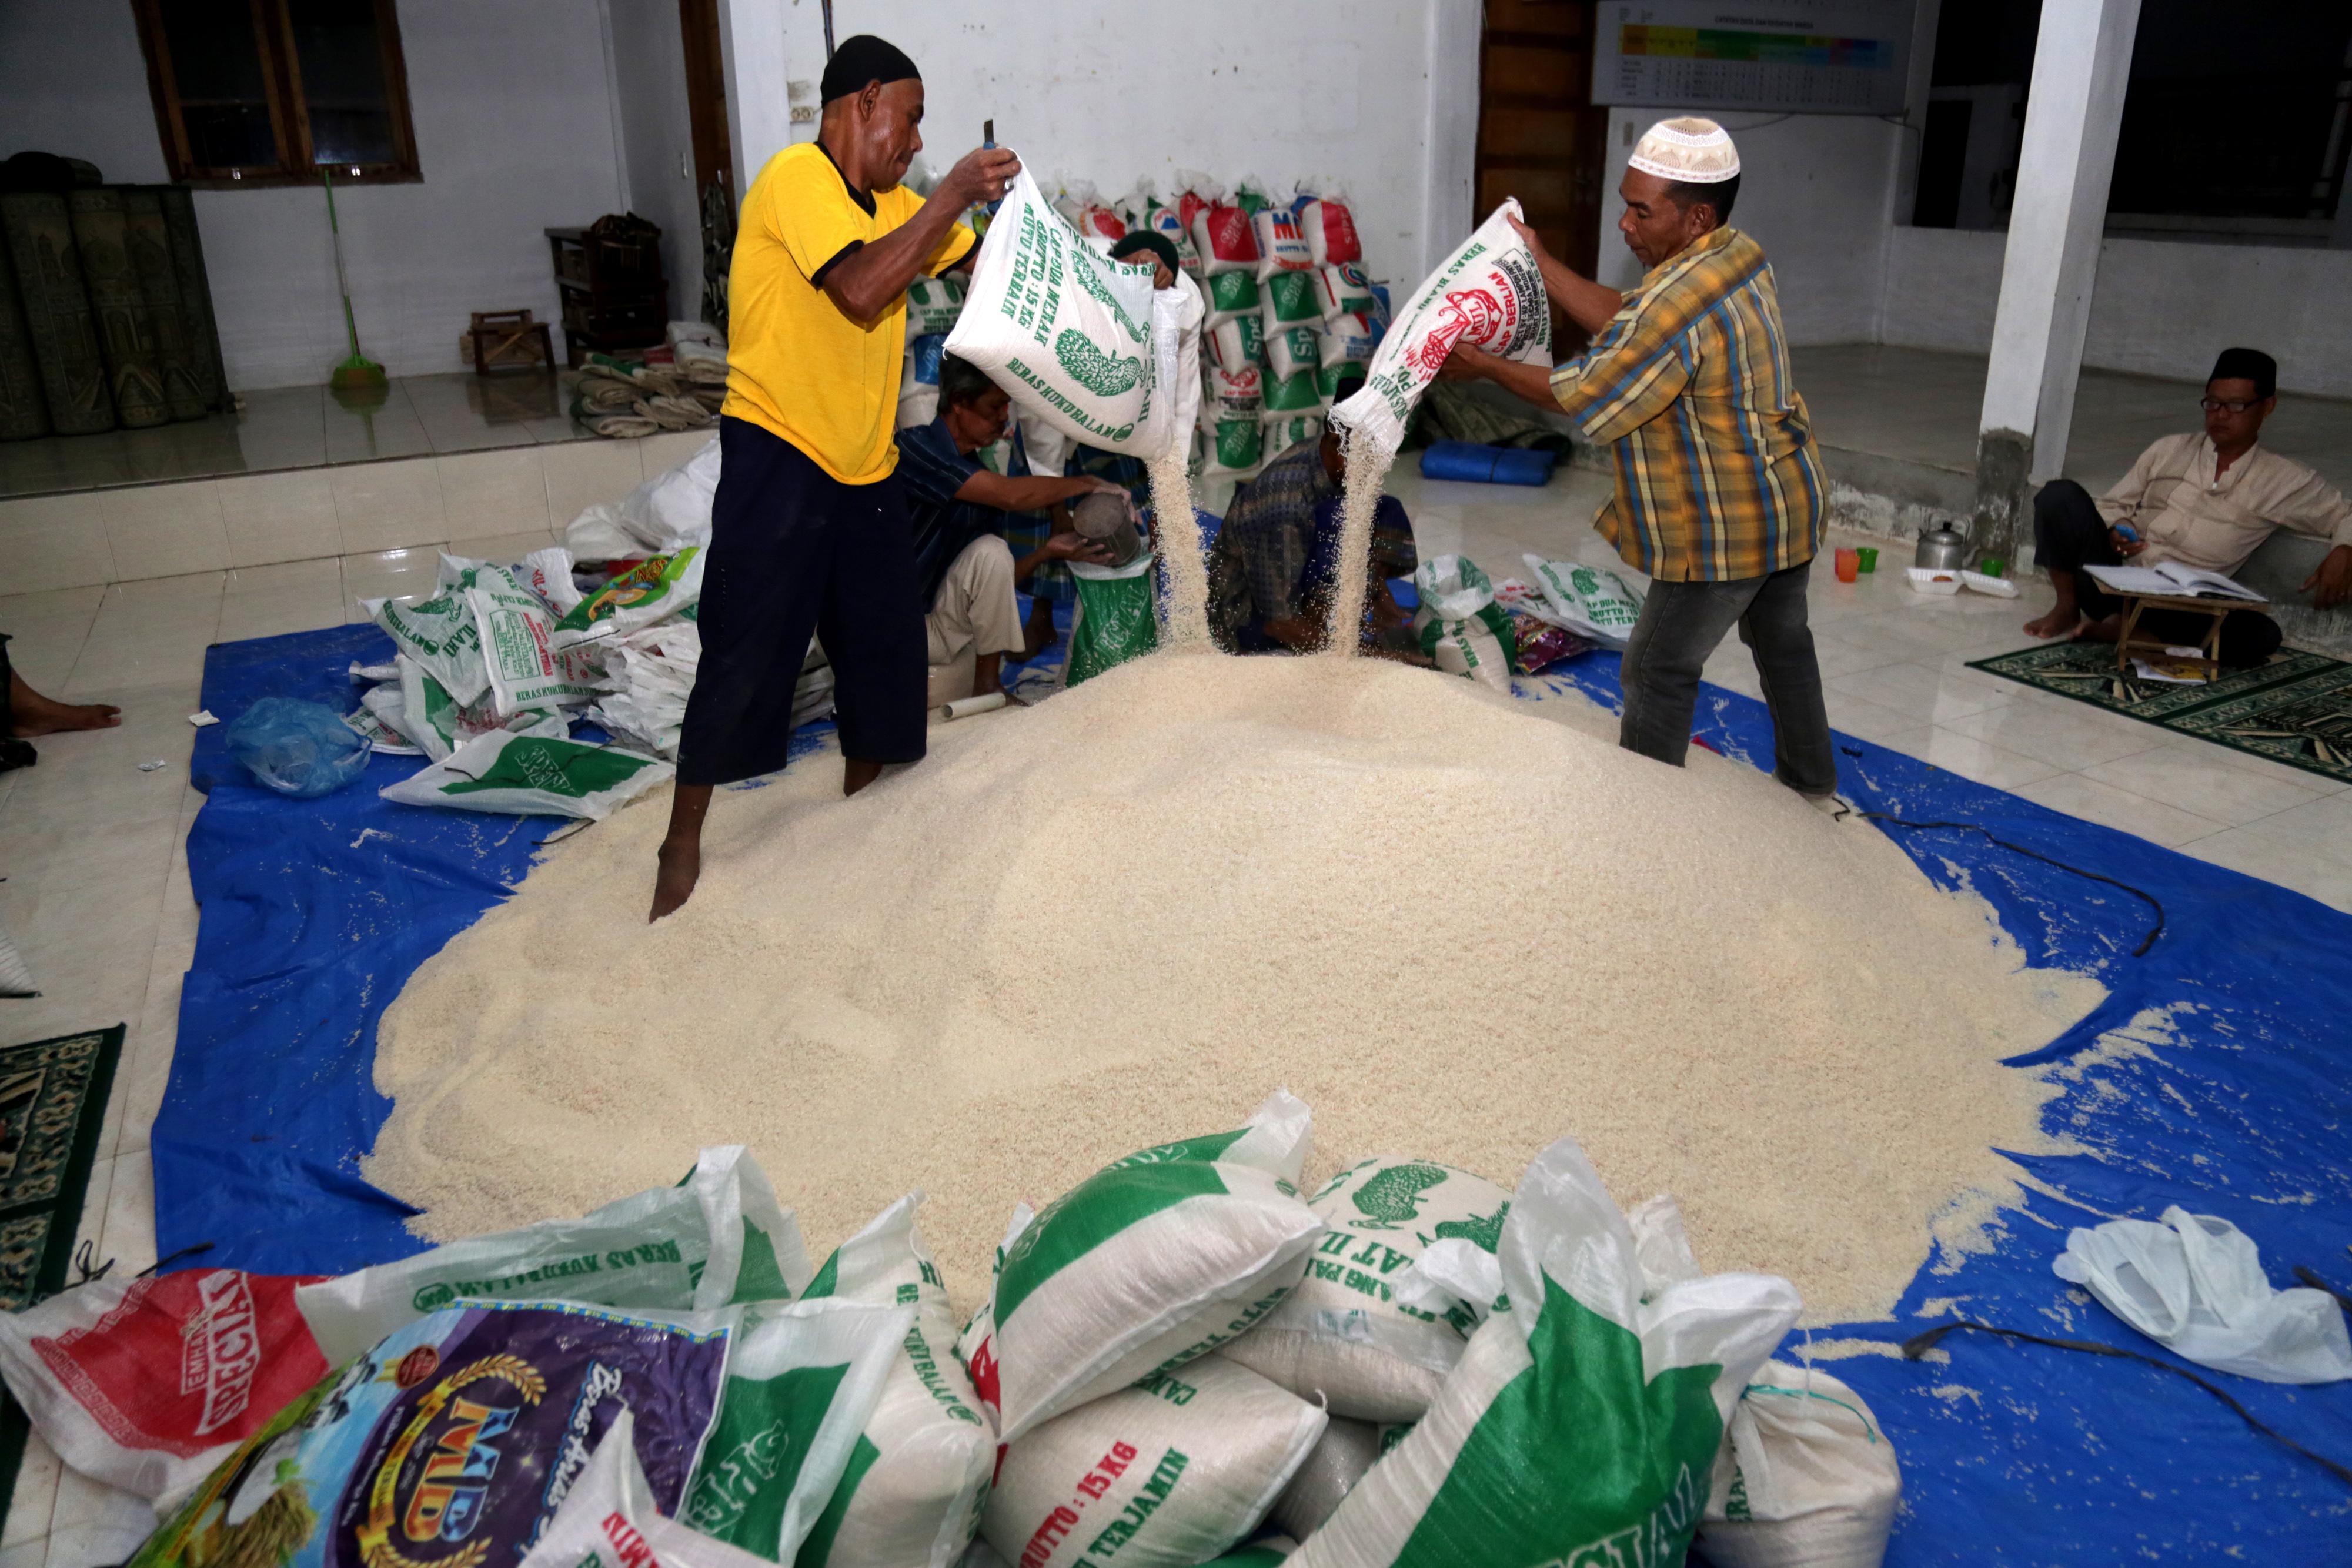 BERAS ZAKAT FITRAH. Panitia penerima dan penyaluran zakat fitrah mengumpulkan beras yang dibayarkan warga di Masjid Al-Ikhlas, Ilie Ulee Kareng, Banda Aceh, pada 2 Juni 2017. Foto oleh Irwansyah Putra/Antara